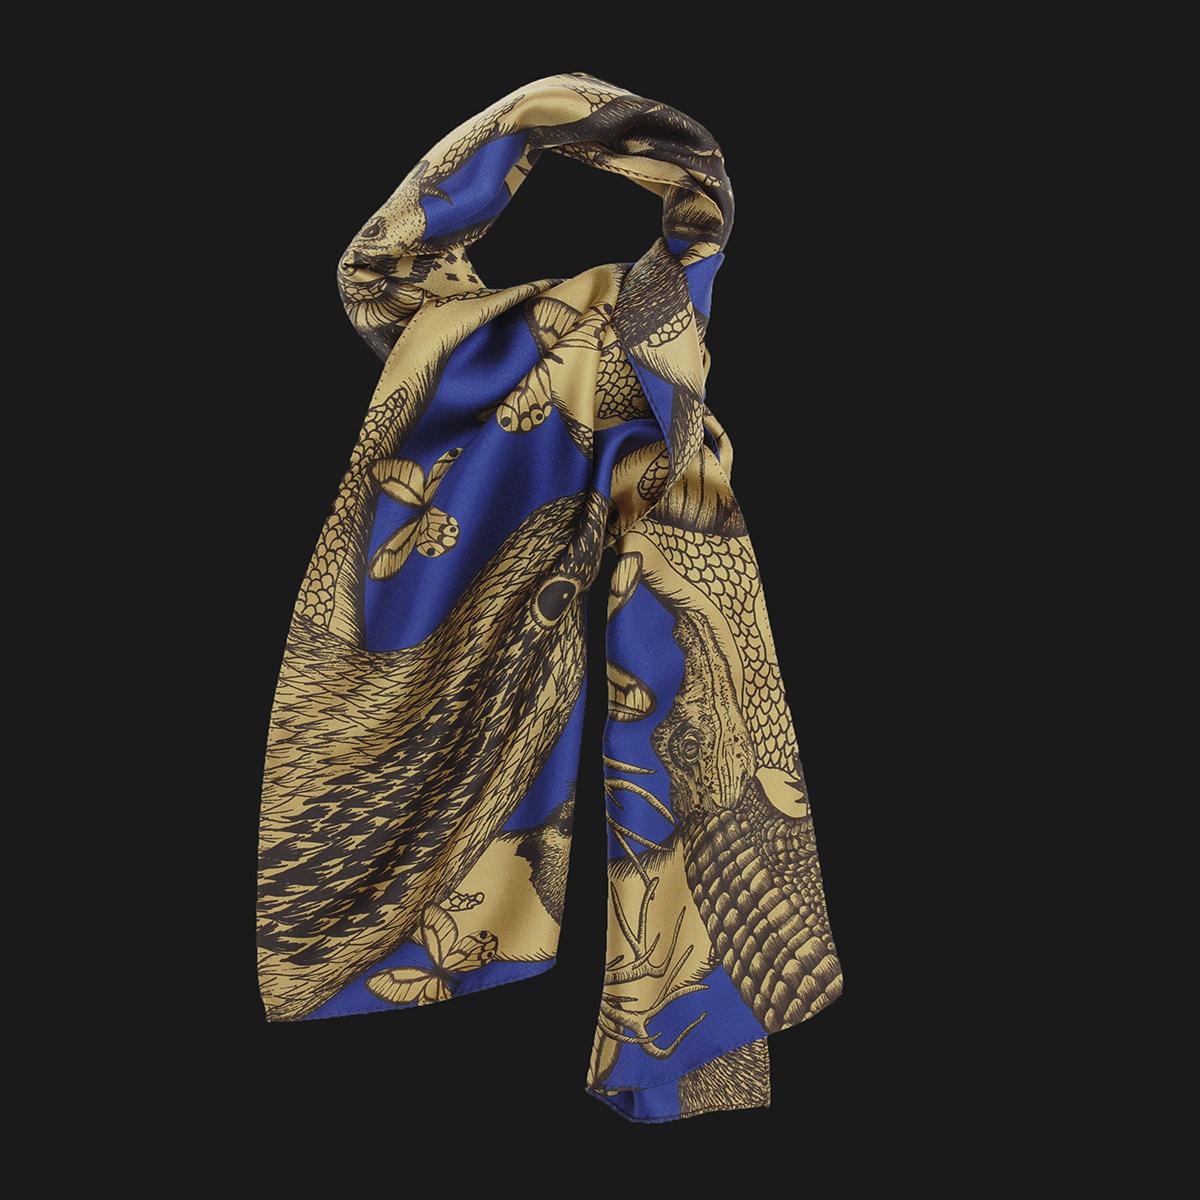 Foulard en soie animalis noué, couleur kaki et bleu - Céline Dominiak